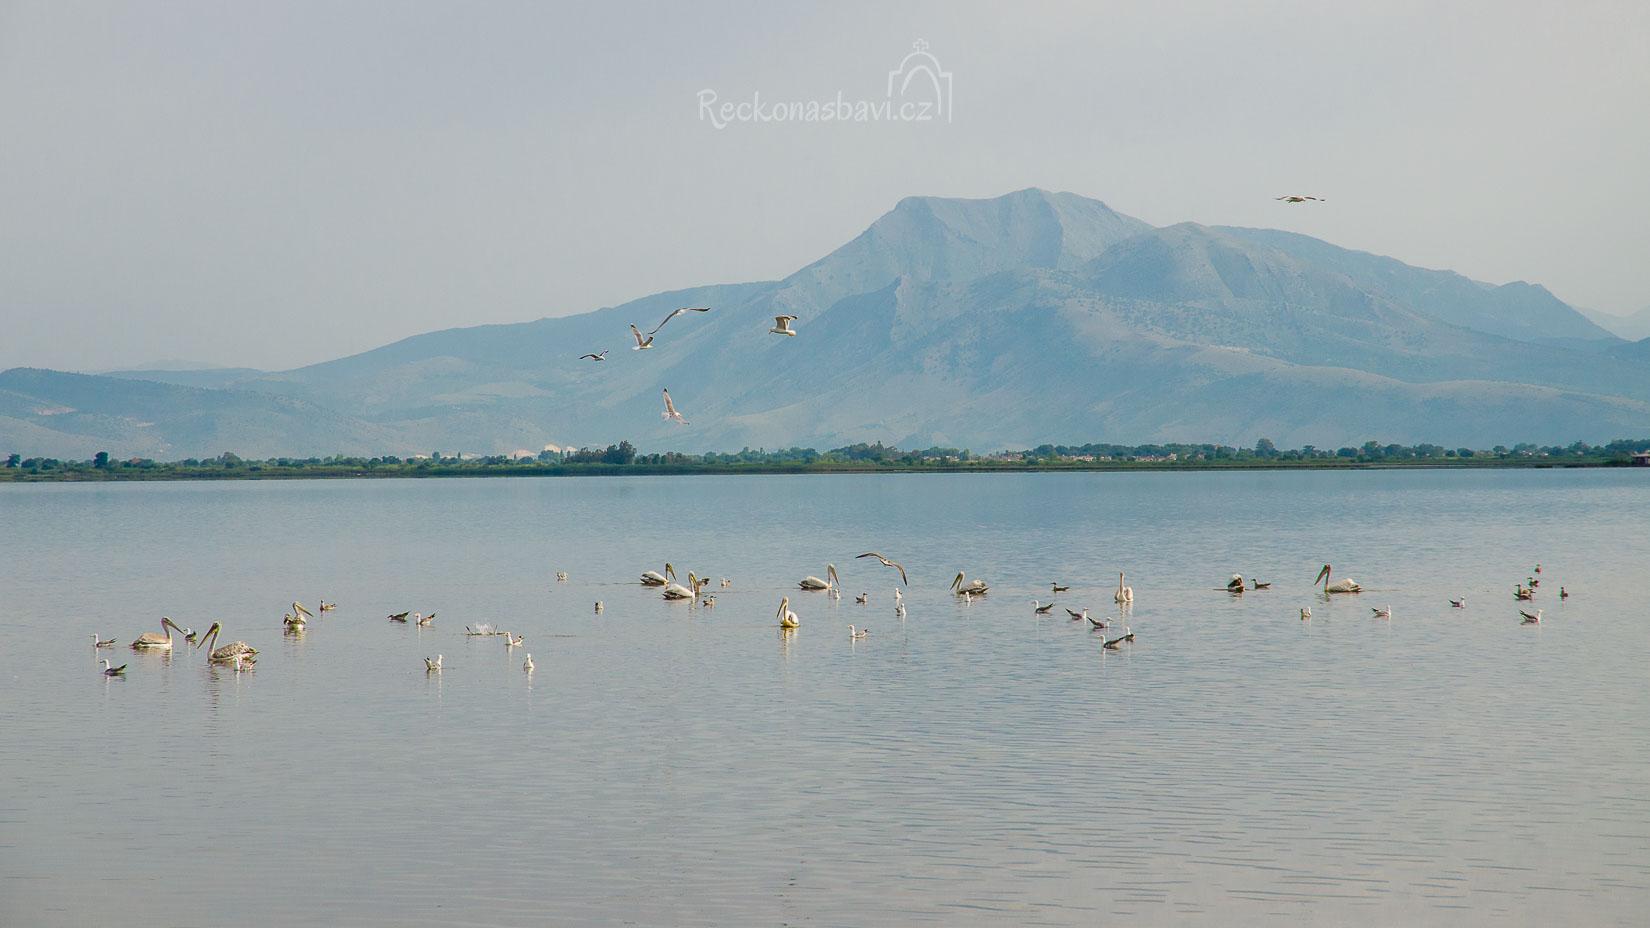 brzy ráno jetě není vedro a tak máme konečně štěstí na skupinku krásných pelikánů!